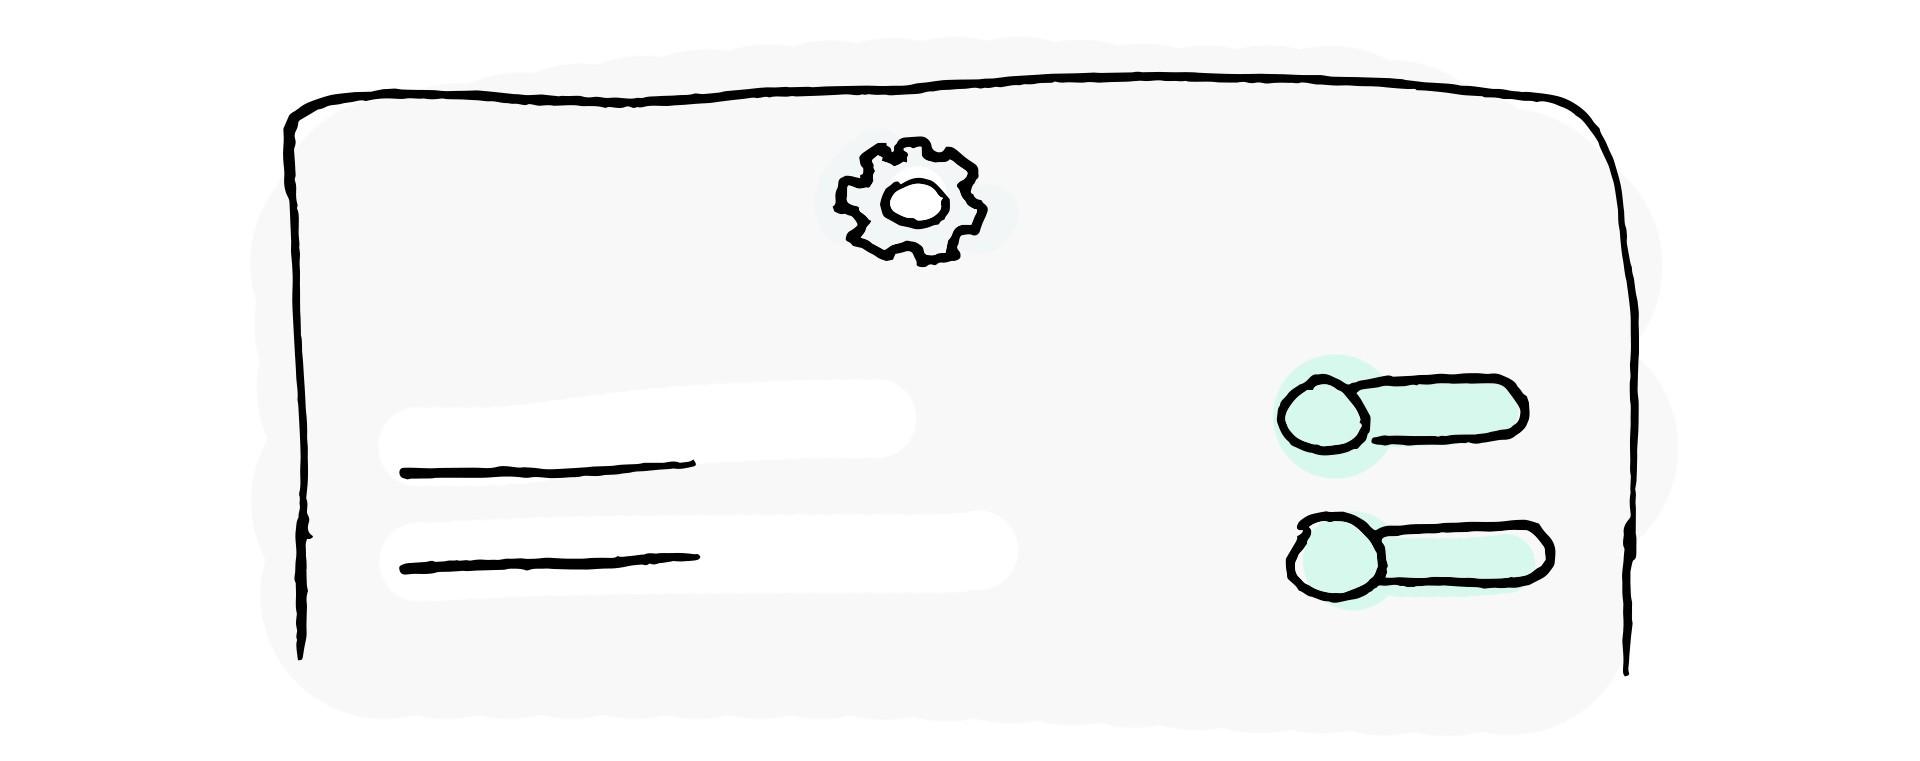 产品设计中需要了解的10个心智模型